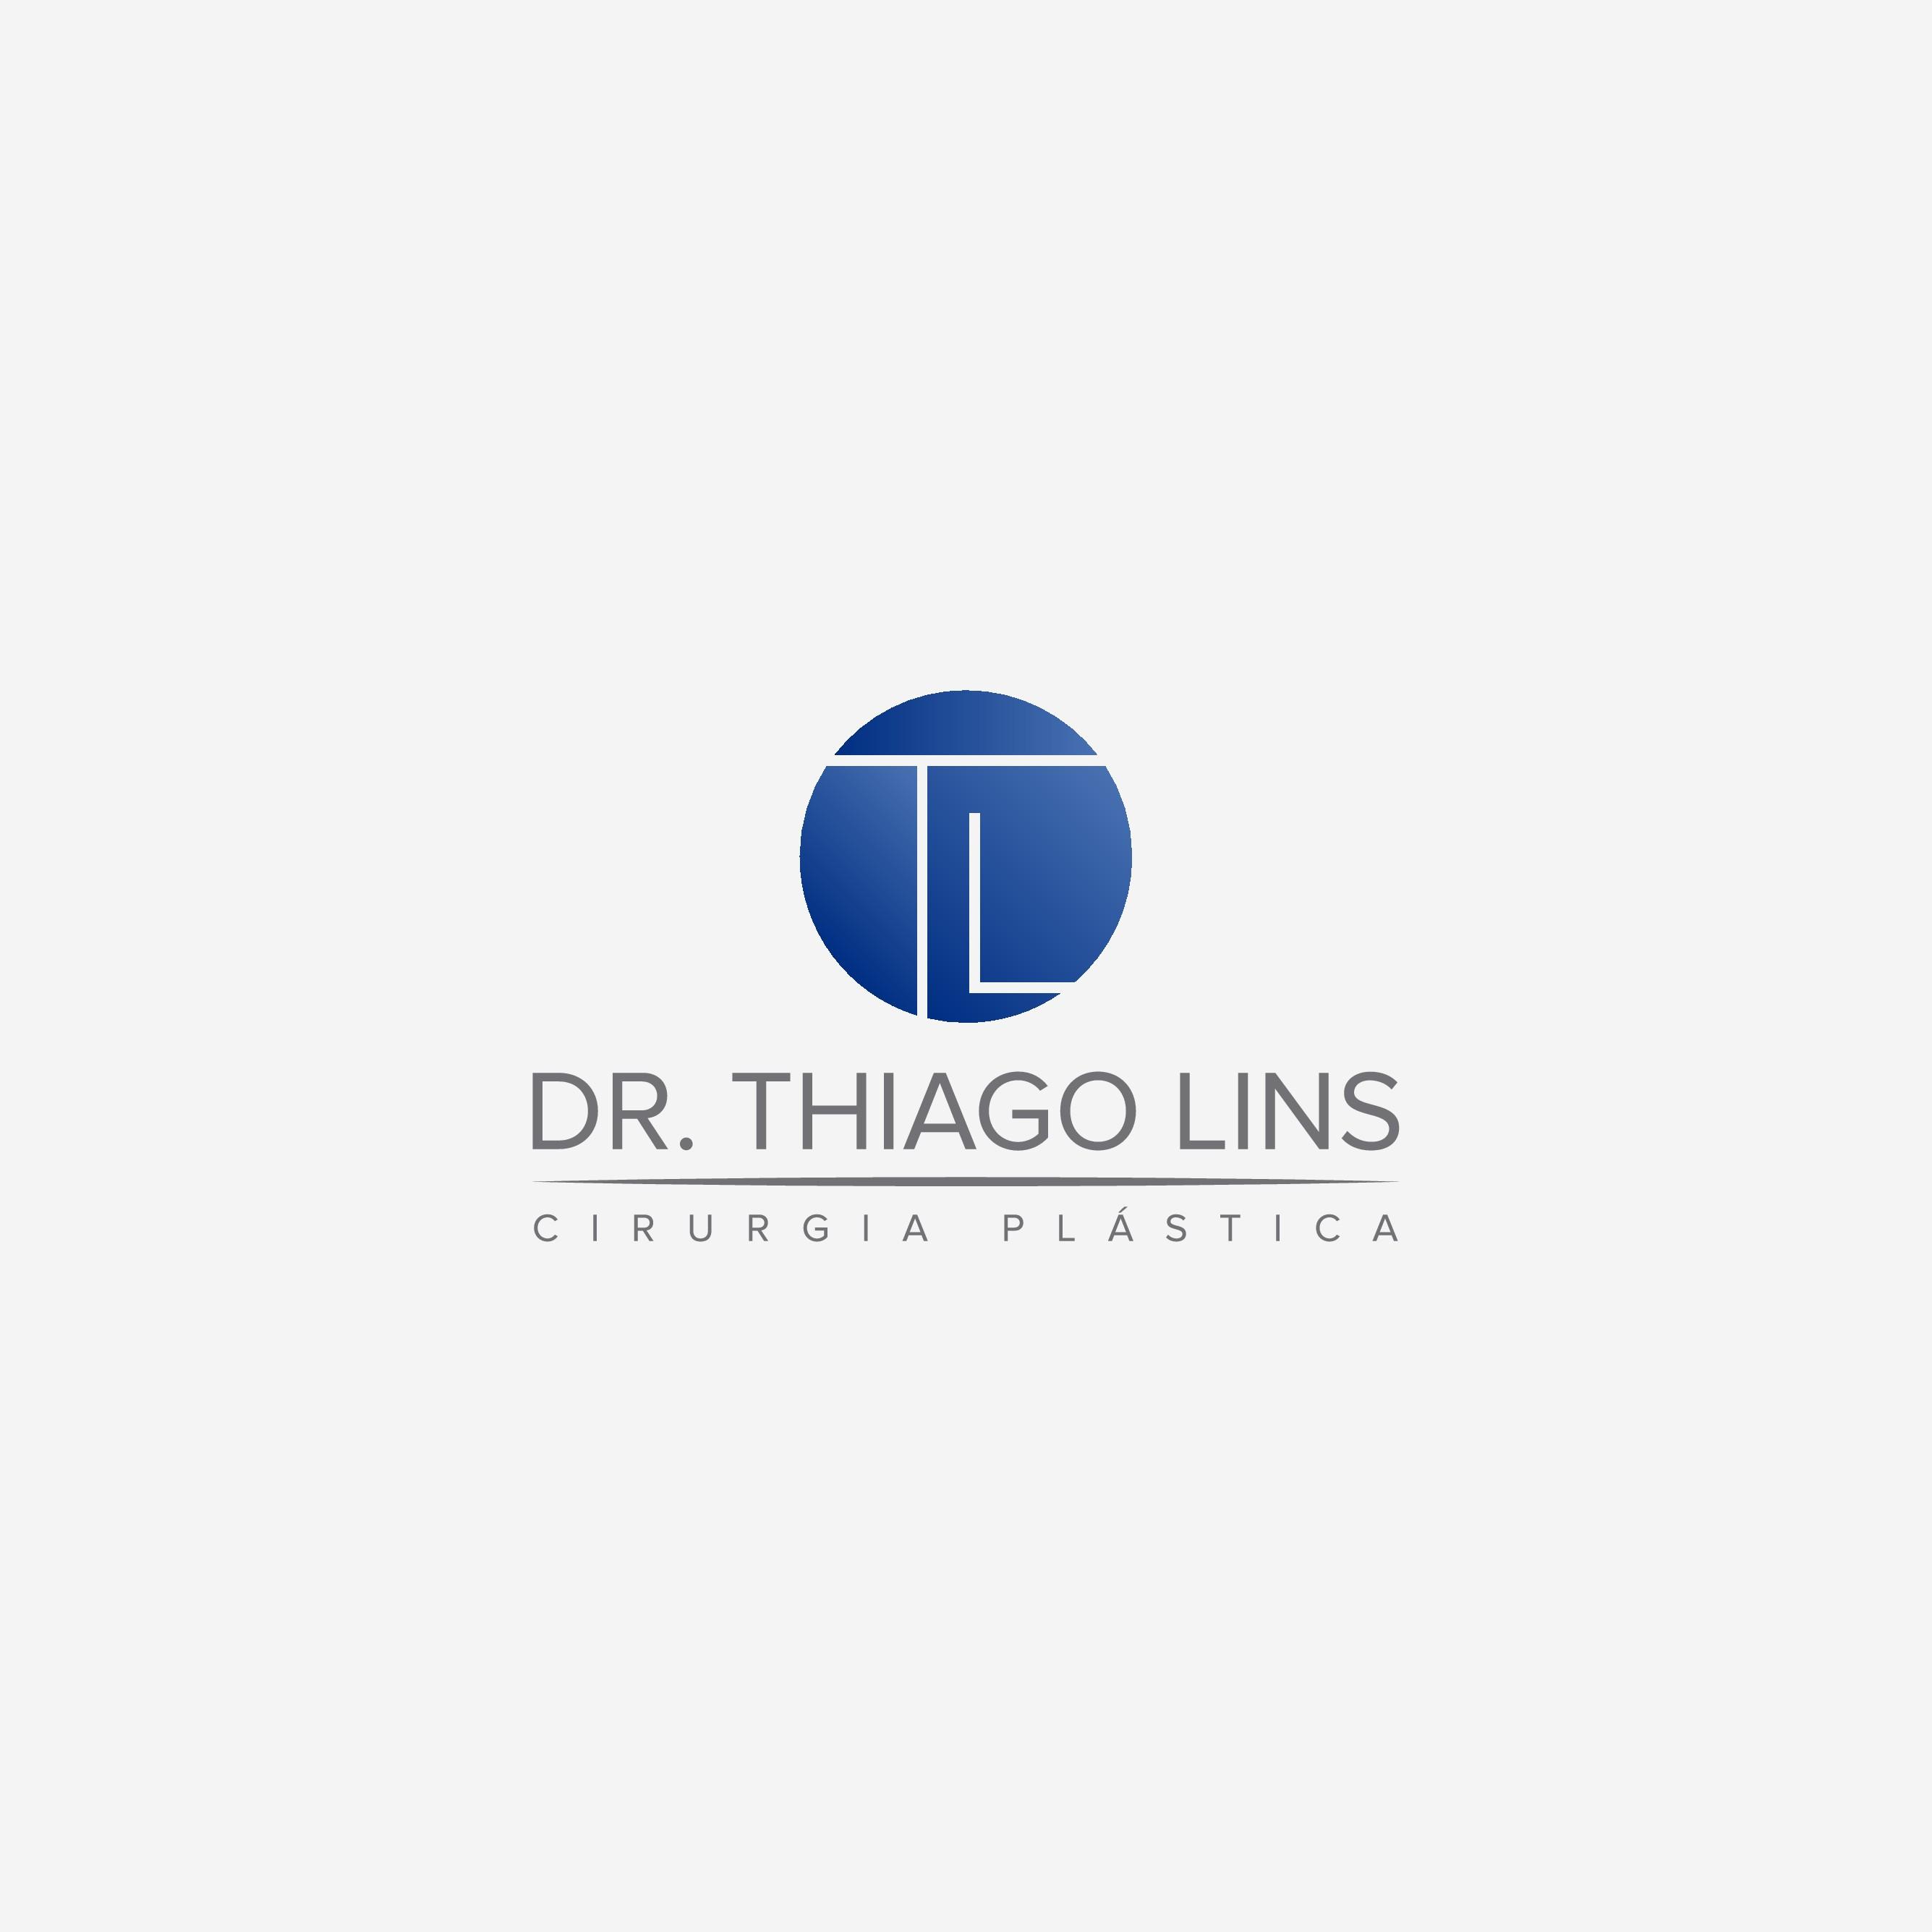 crie uma identidade visual para Dr.Thiago Lins cirurgiao plastico